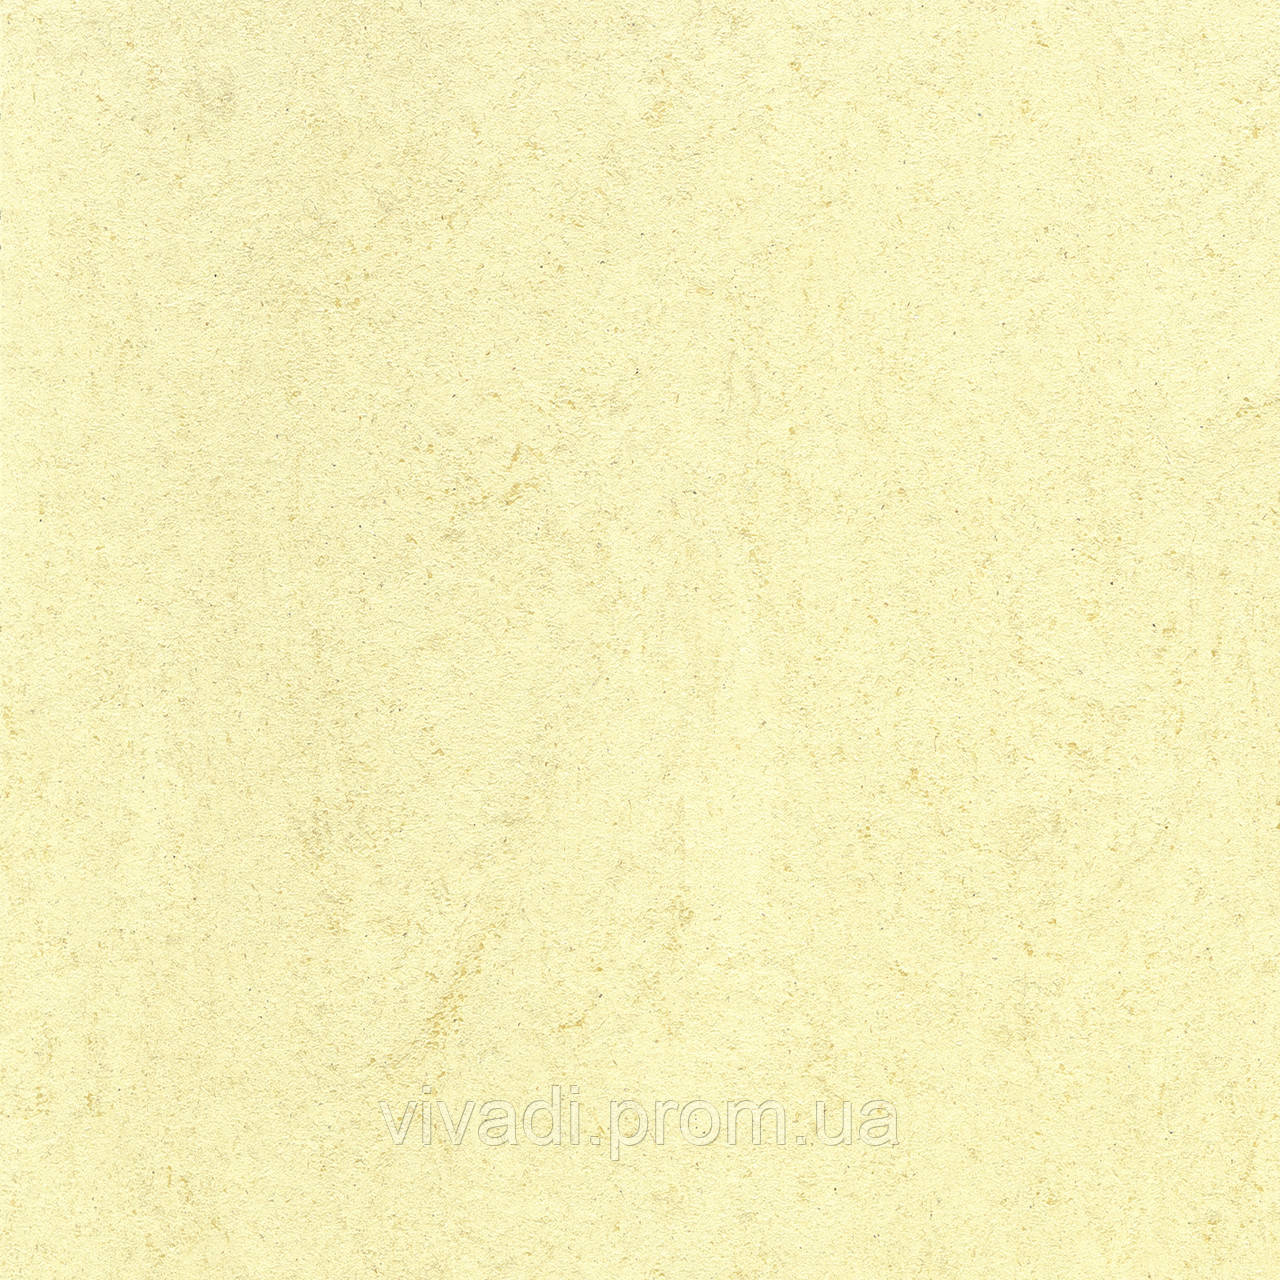 Натуральний лінолеум Marmorette PUR - колір 125-145